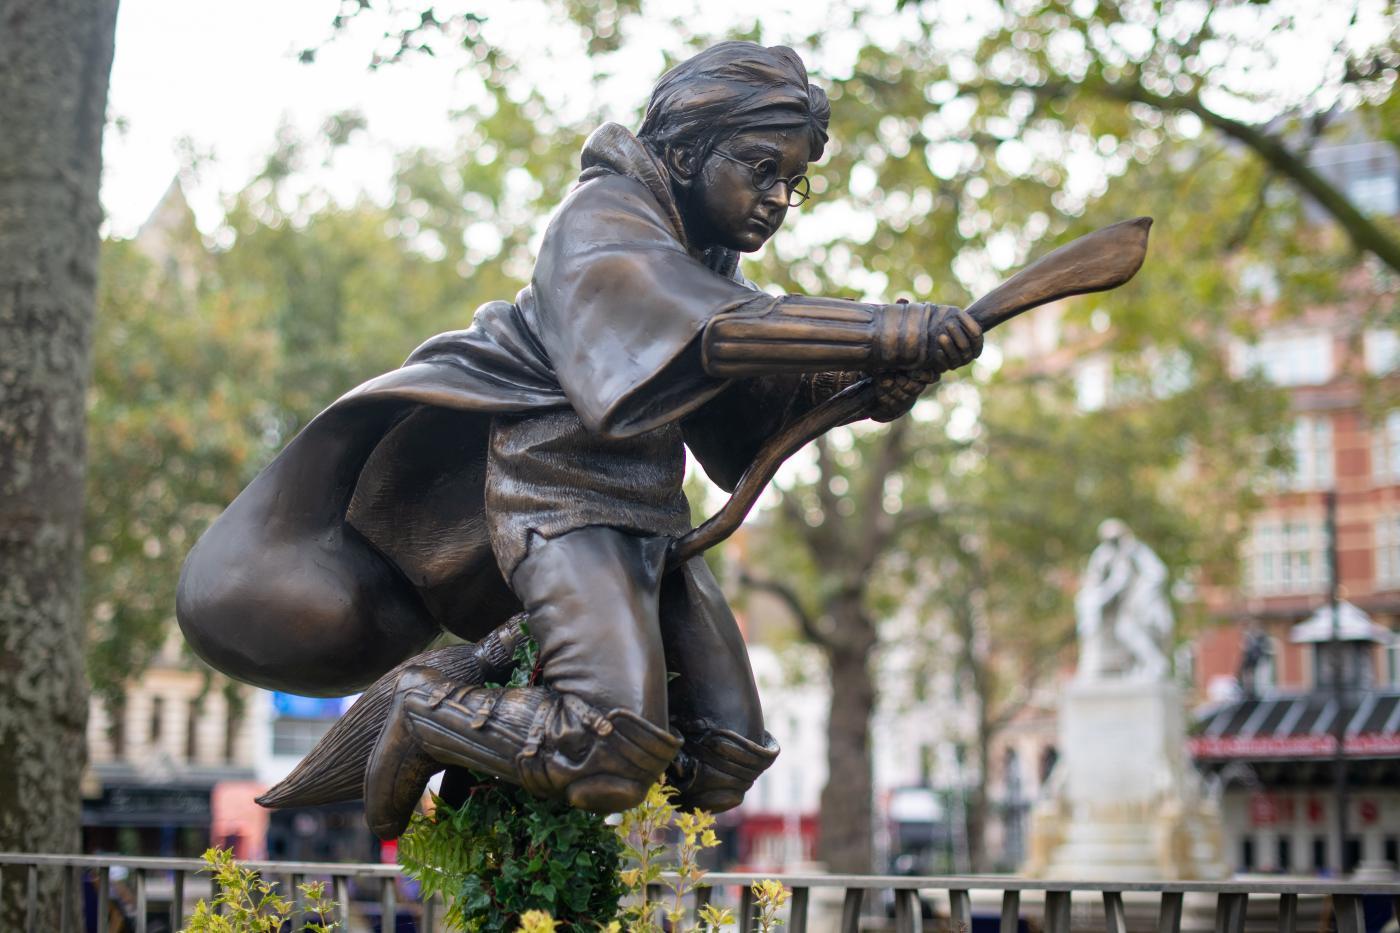 La statua di Harry Potter inaugurata a Londra